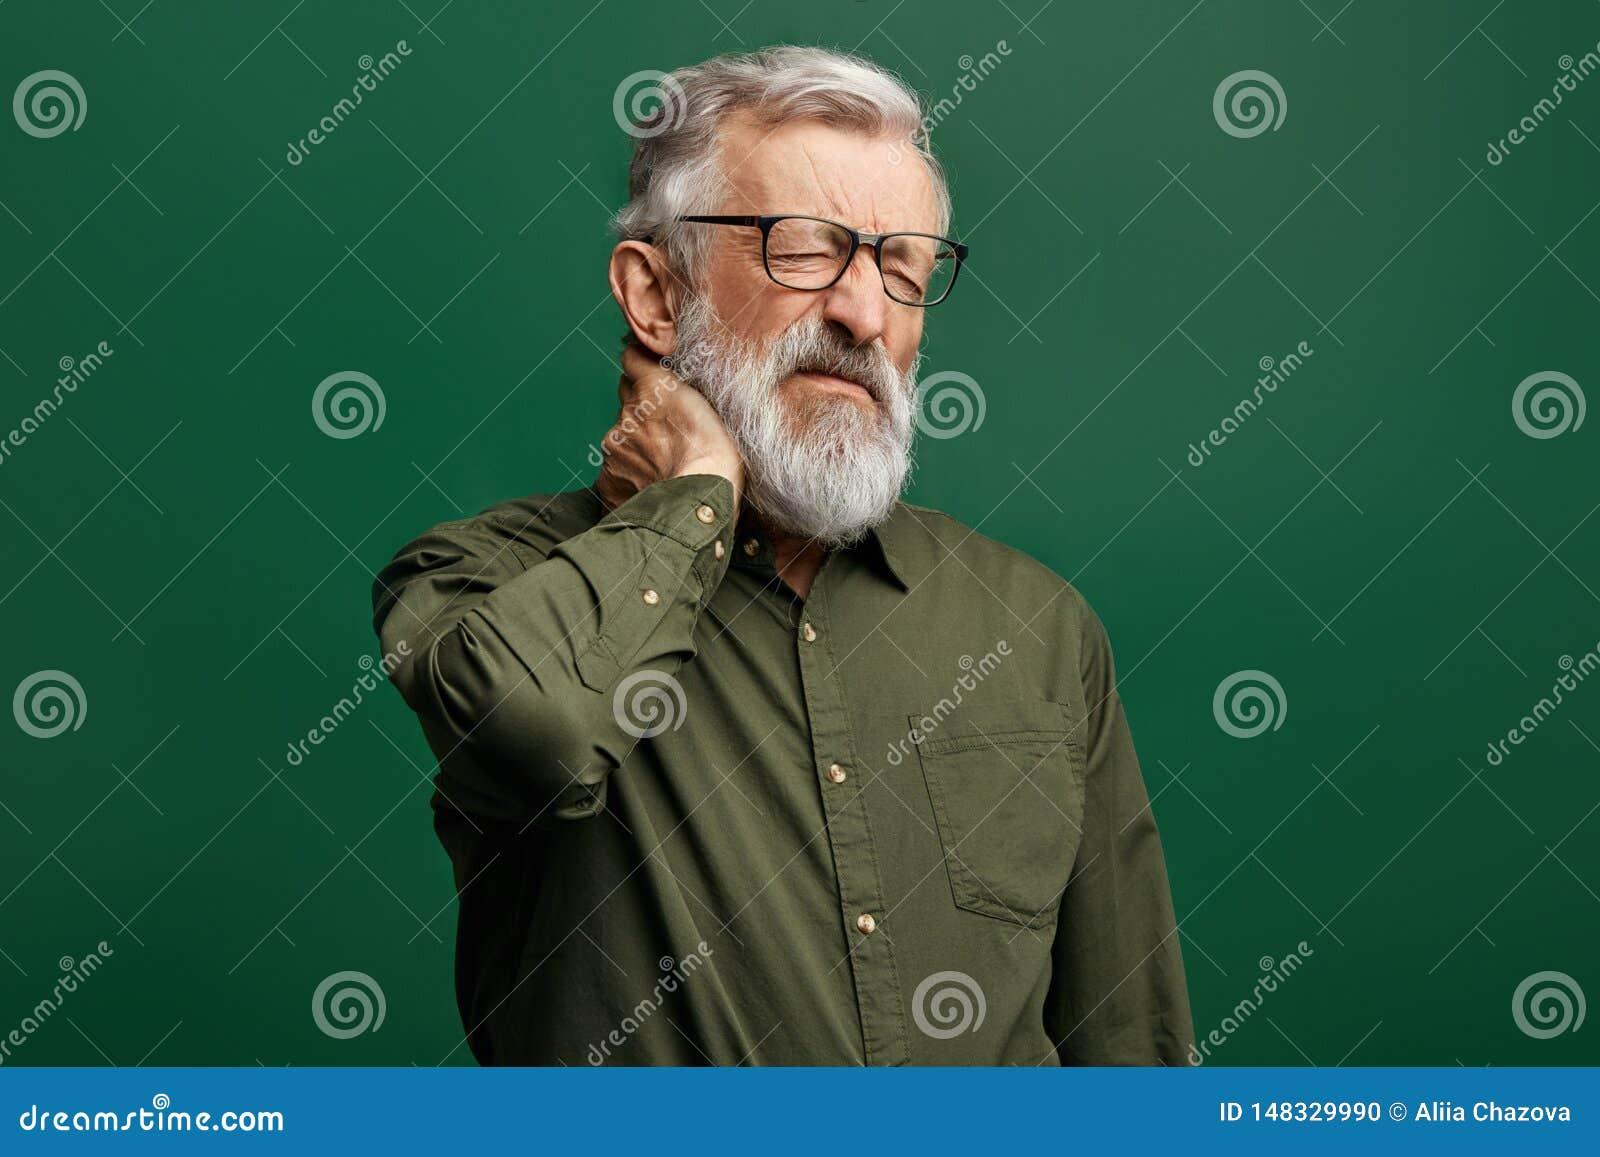 绿色衬衣的英俊的时髦的老人遭受脖子疼痛